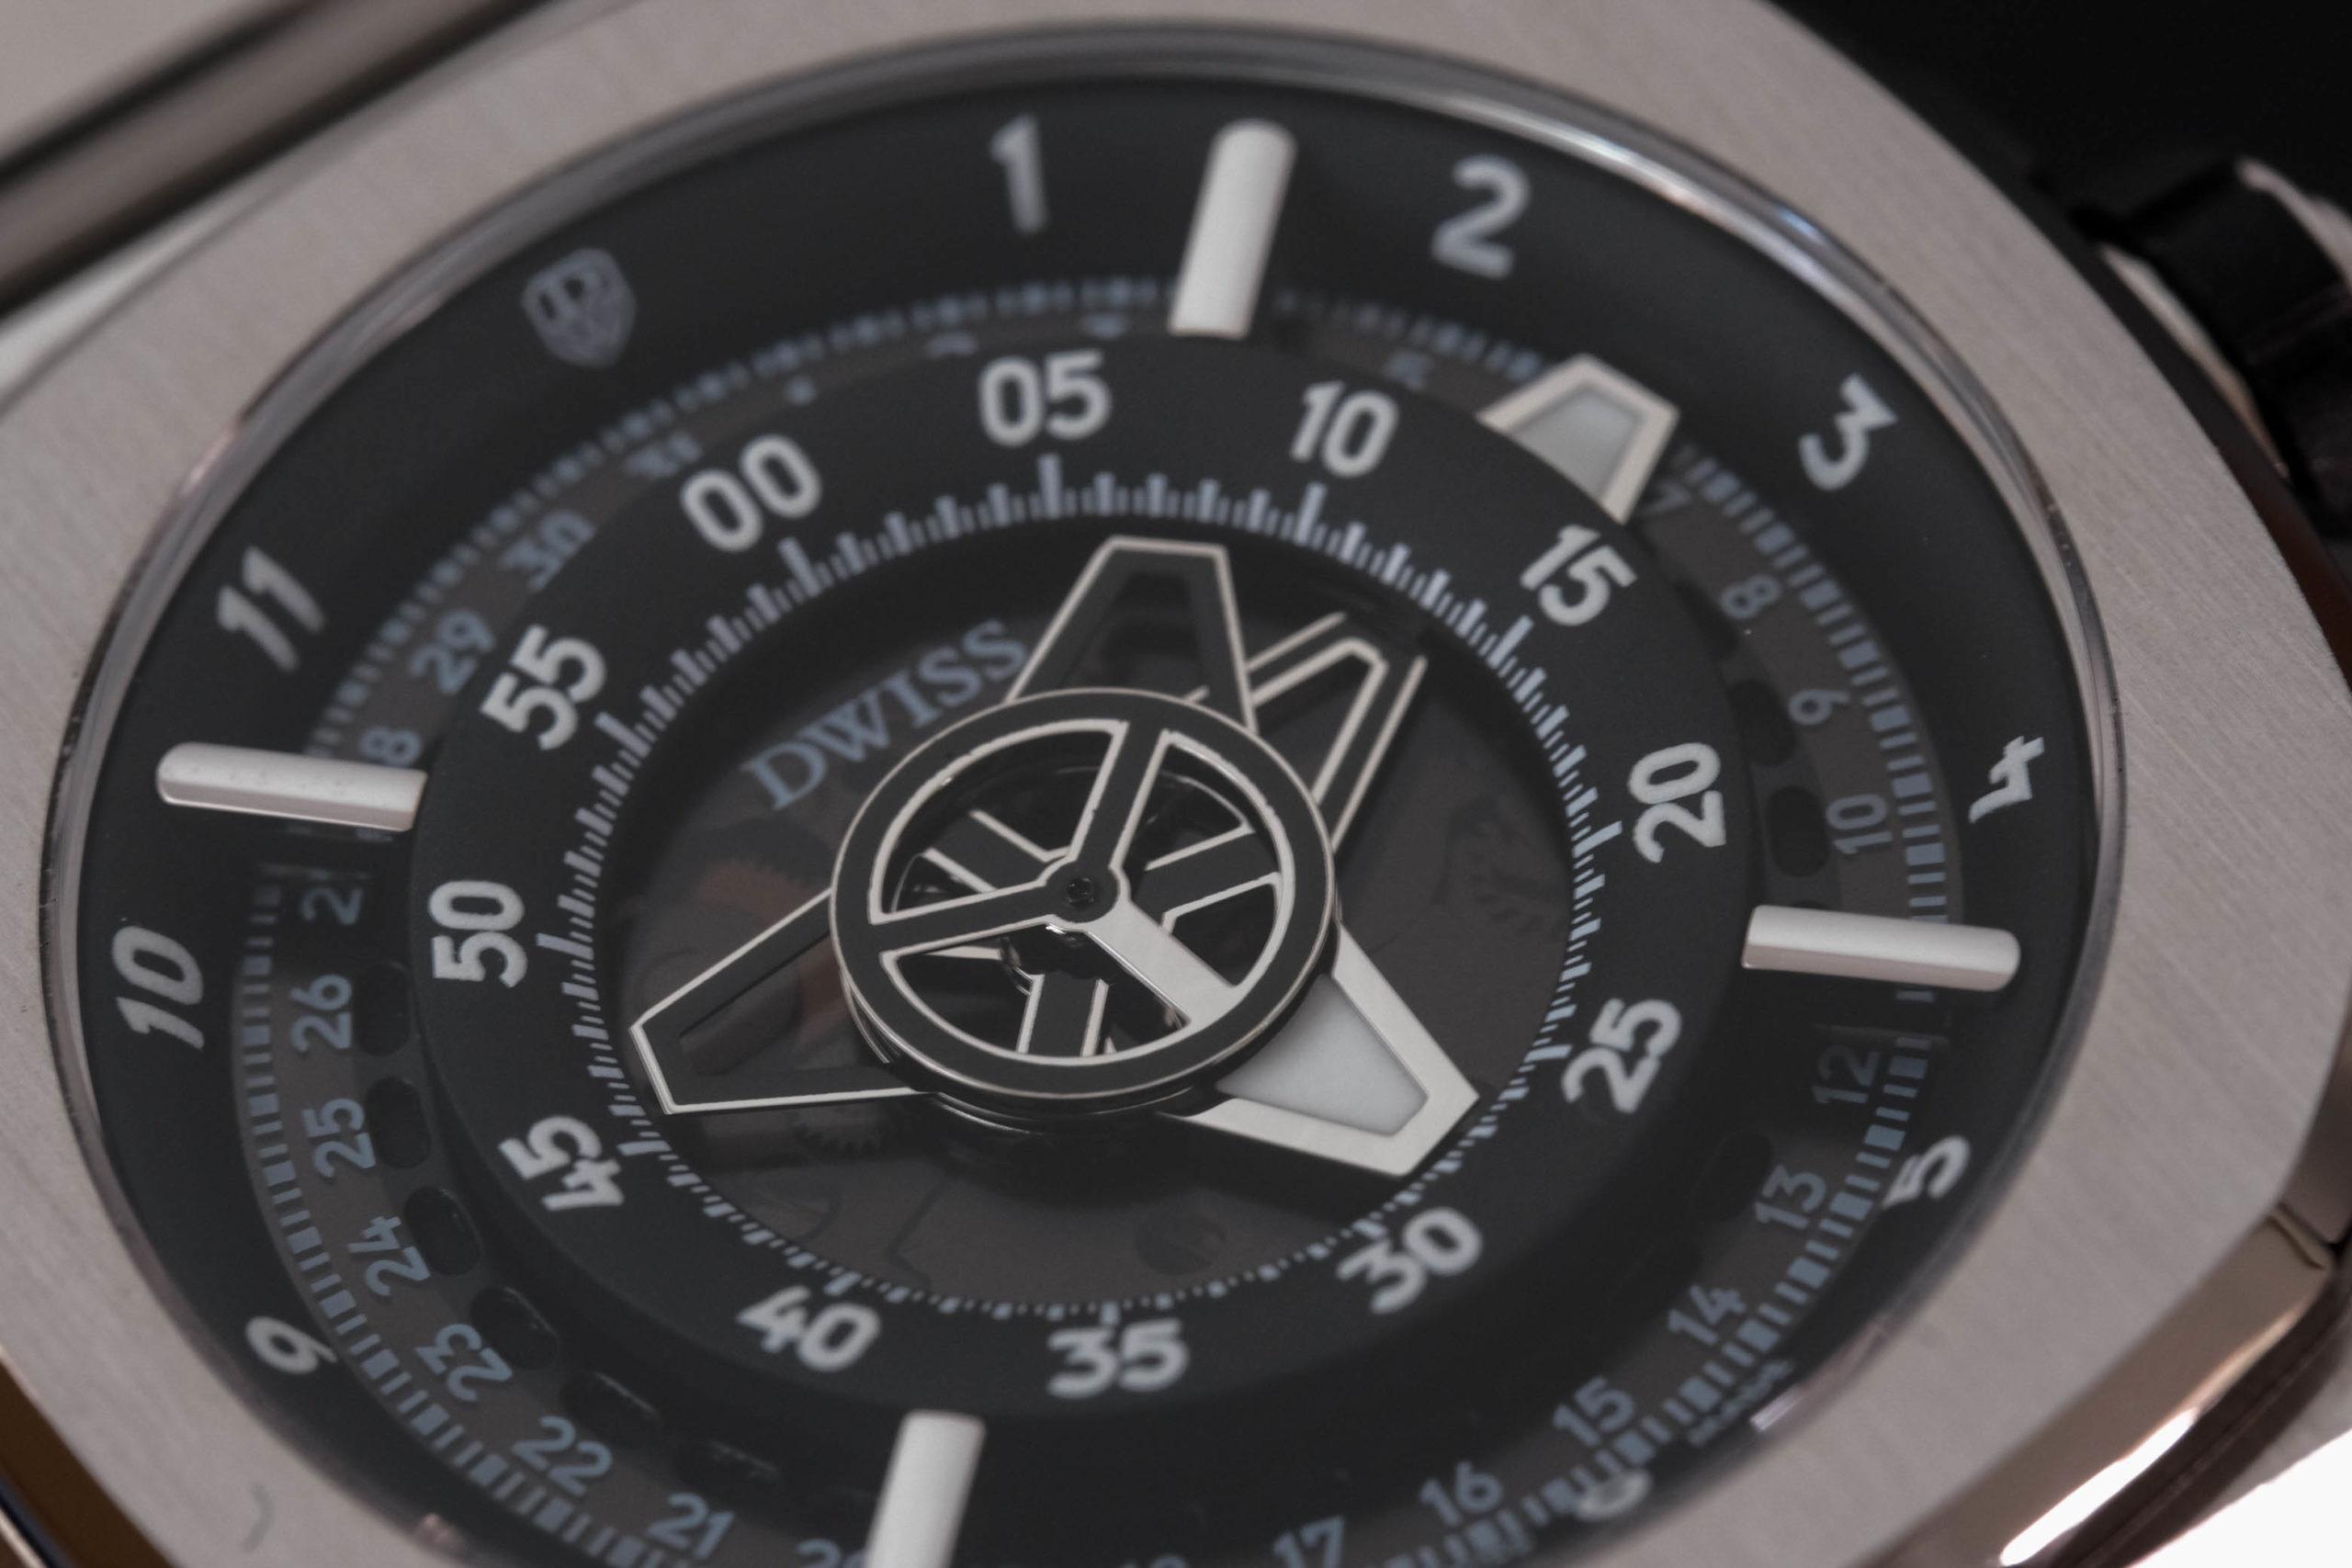 Macro of dial